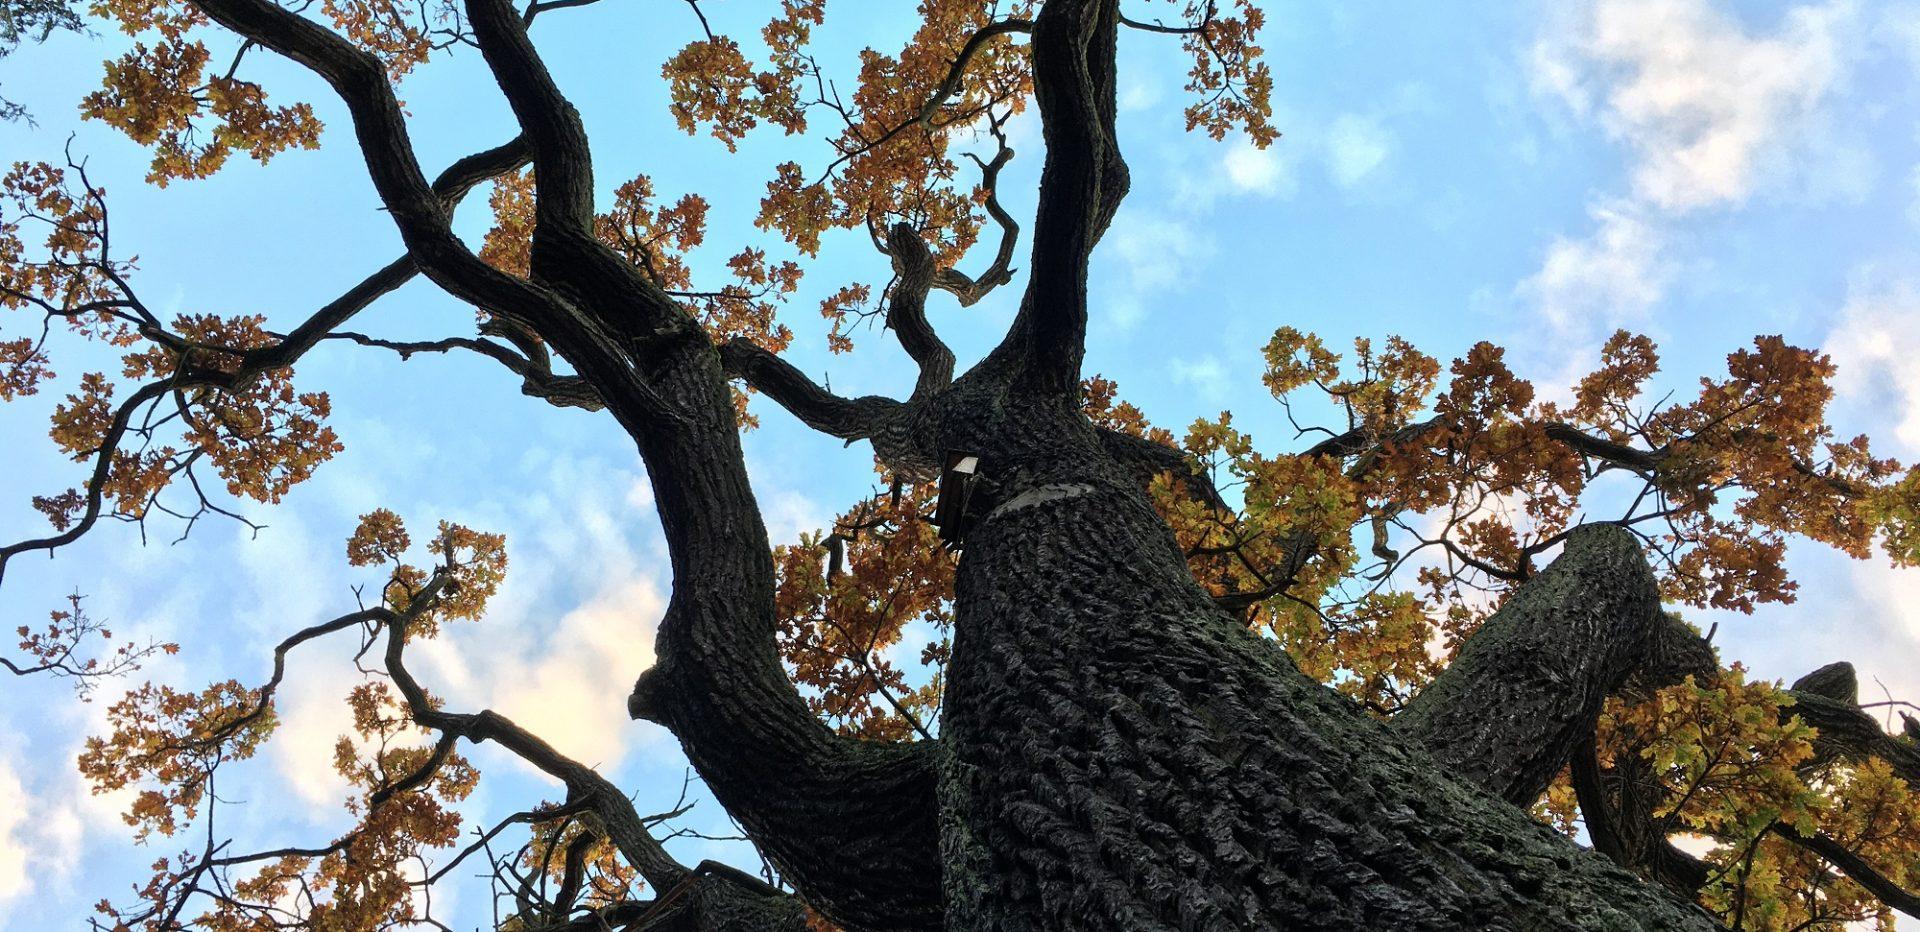 Et træ med gule efterårsblade og blå himmel.